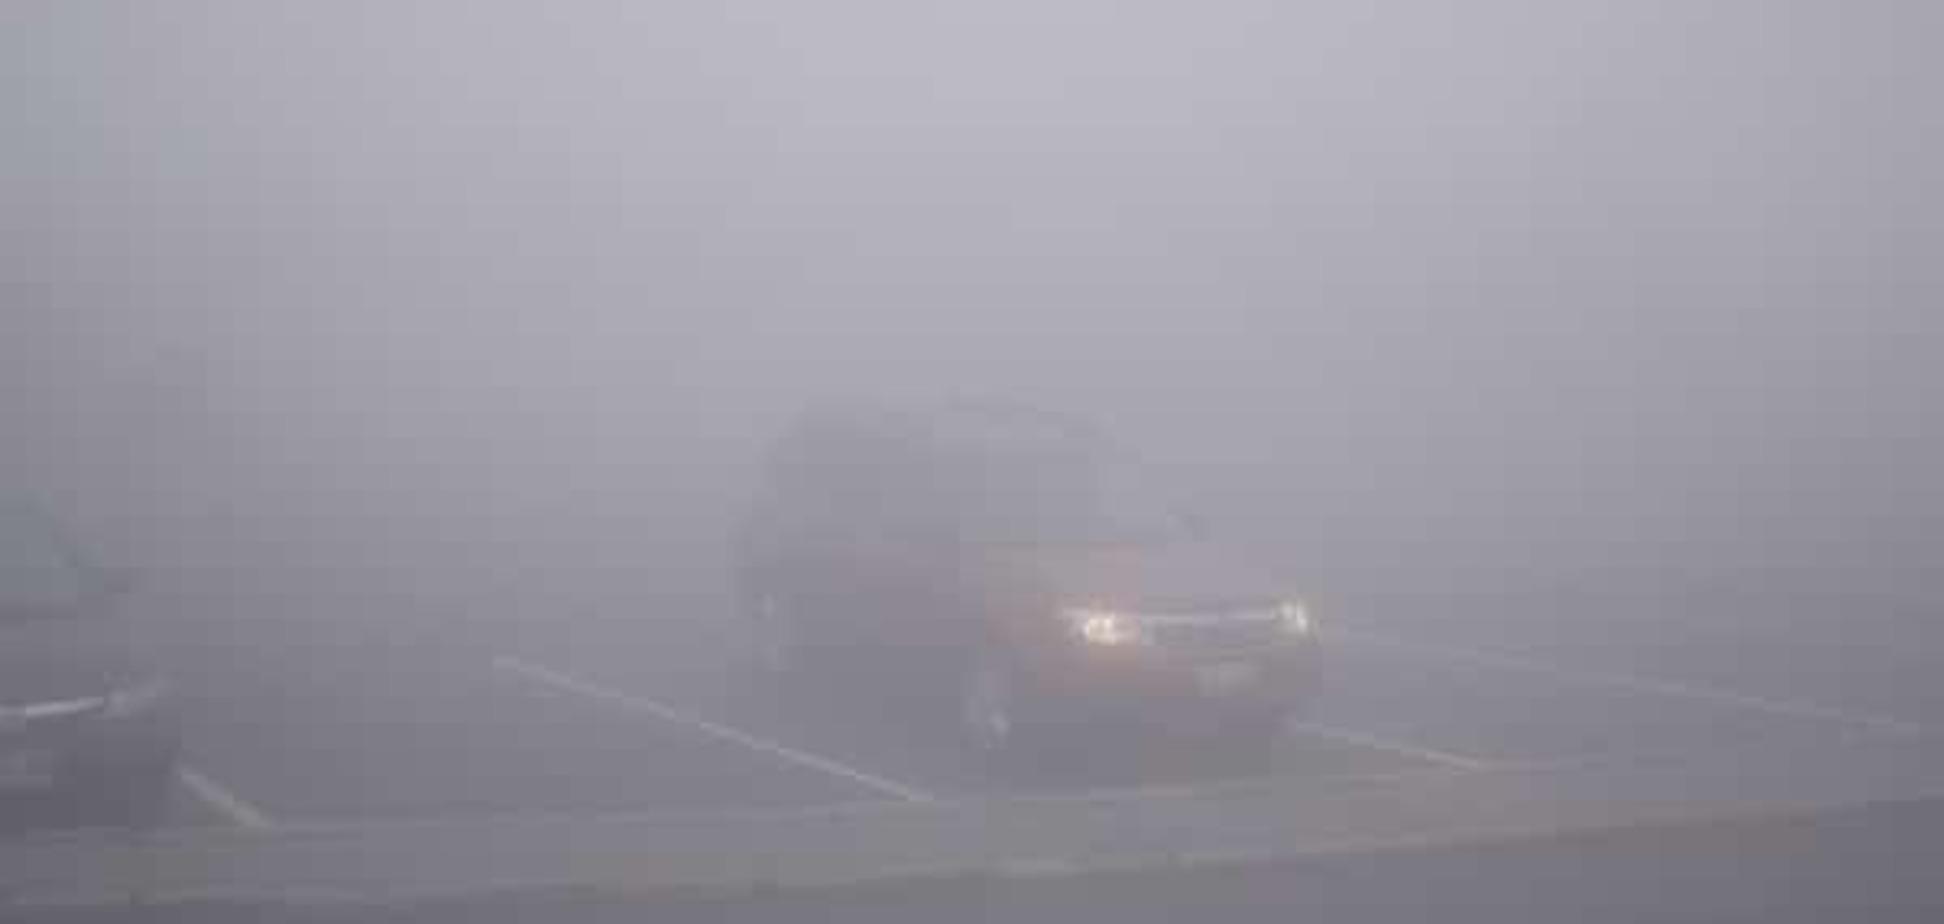 Туман на дорозі: експерти порадили, як уникнути ДТП в таку погоду